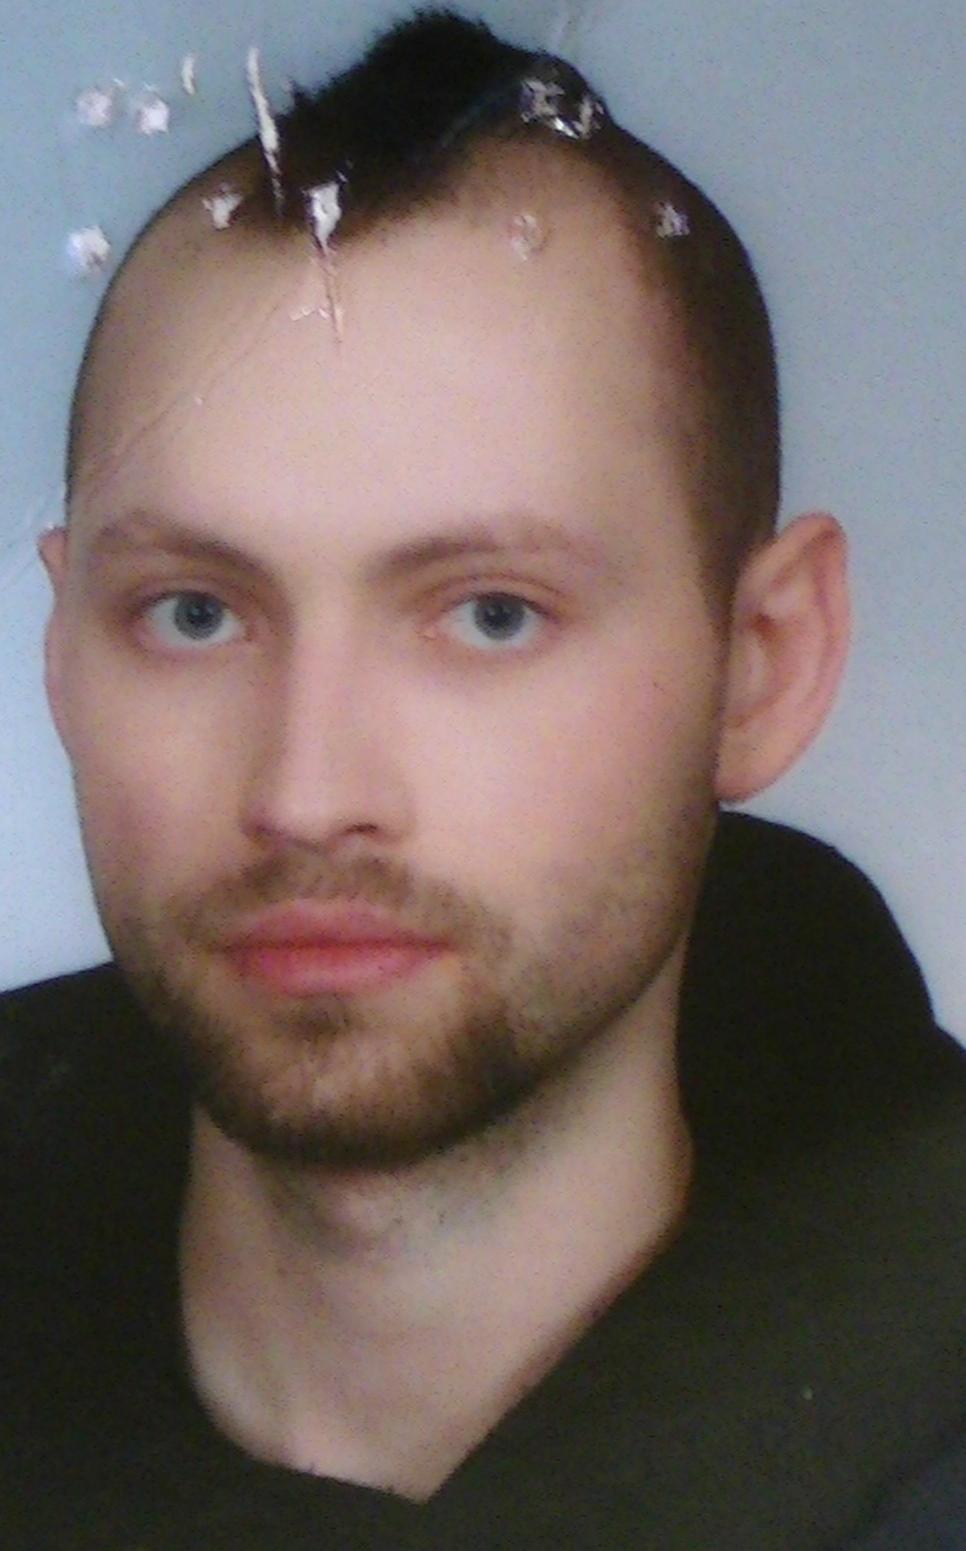 Policja w Krakowie poszukuje zaginionego: Przemysław Wojcinowicz, 25 lat